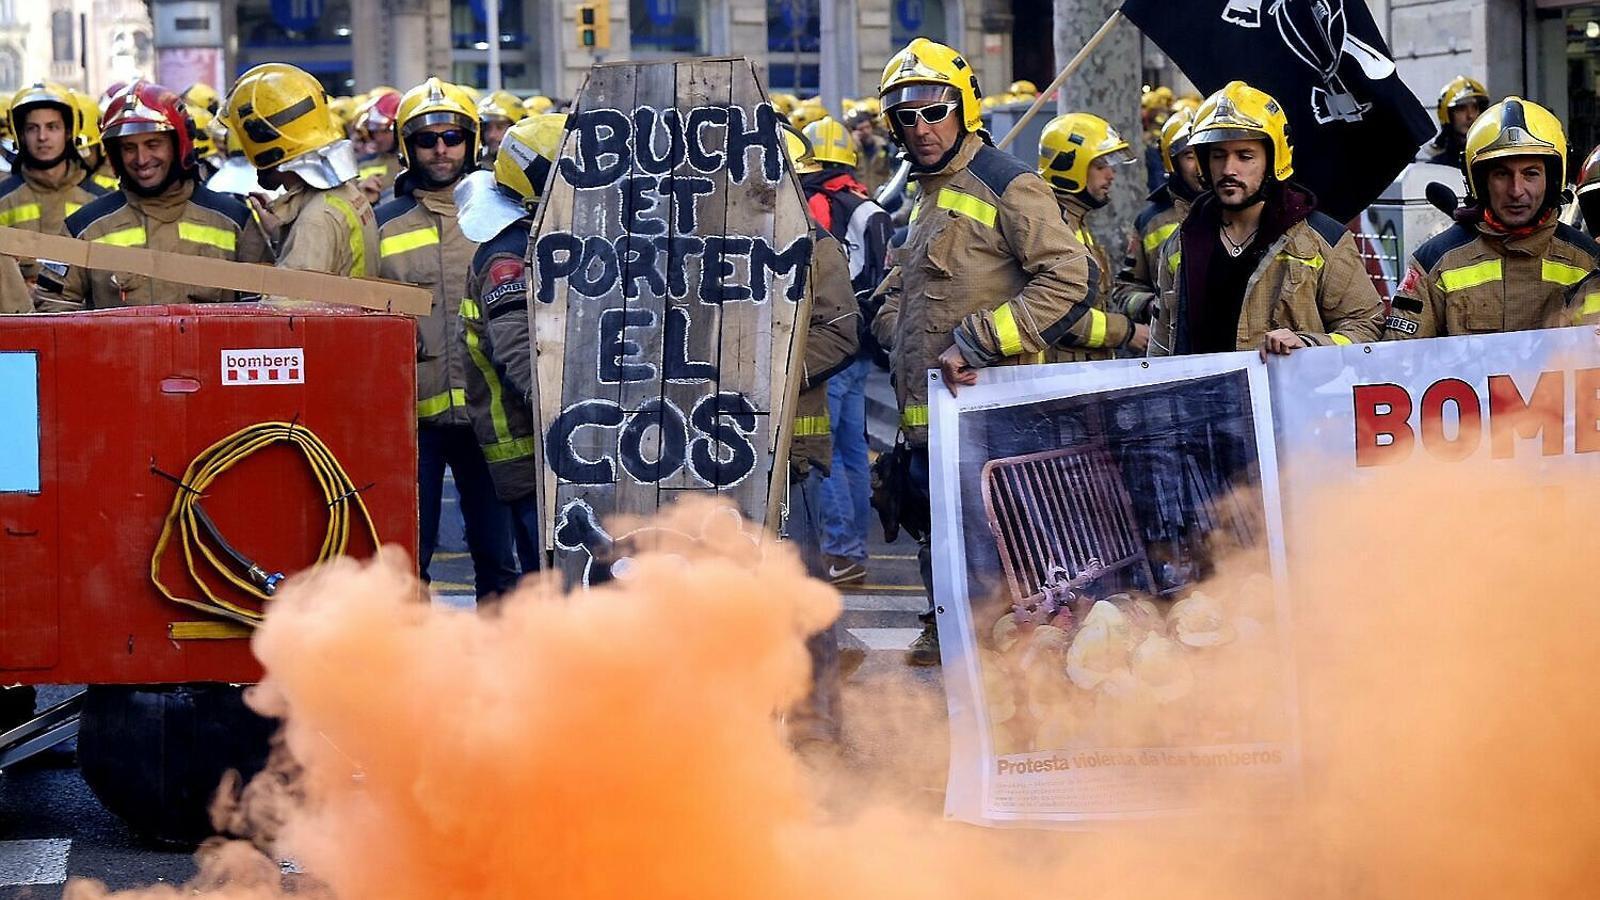 Fi de la protesta que ha fet tancar parcs de bombers